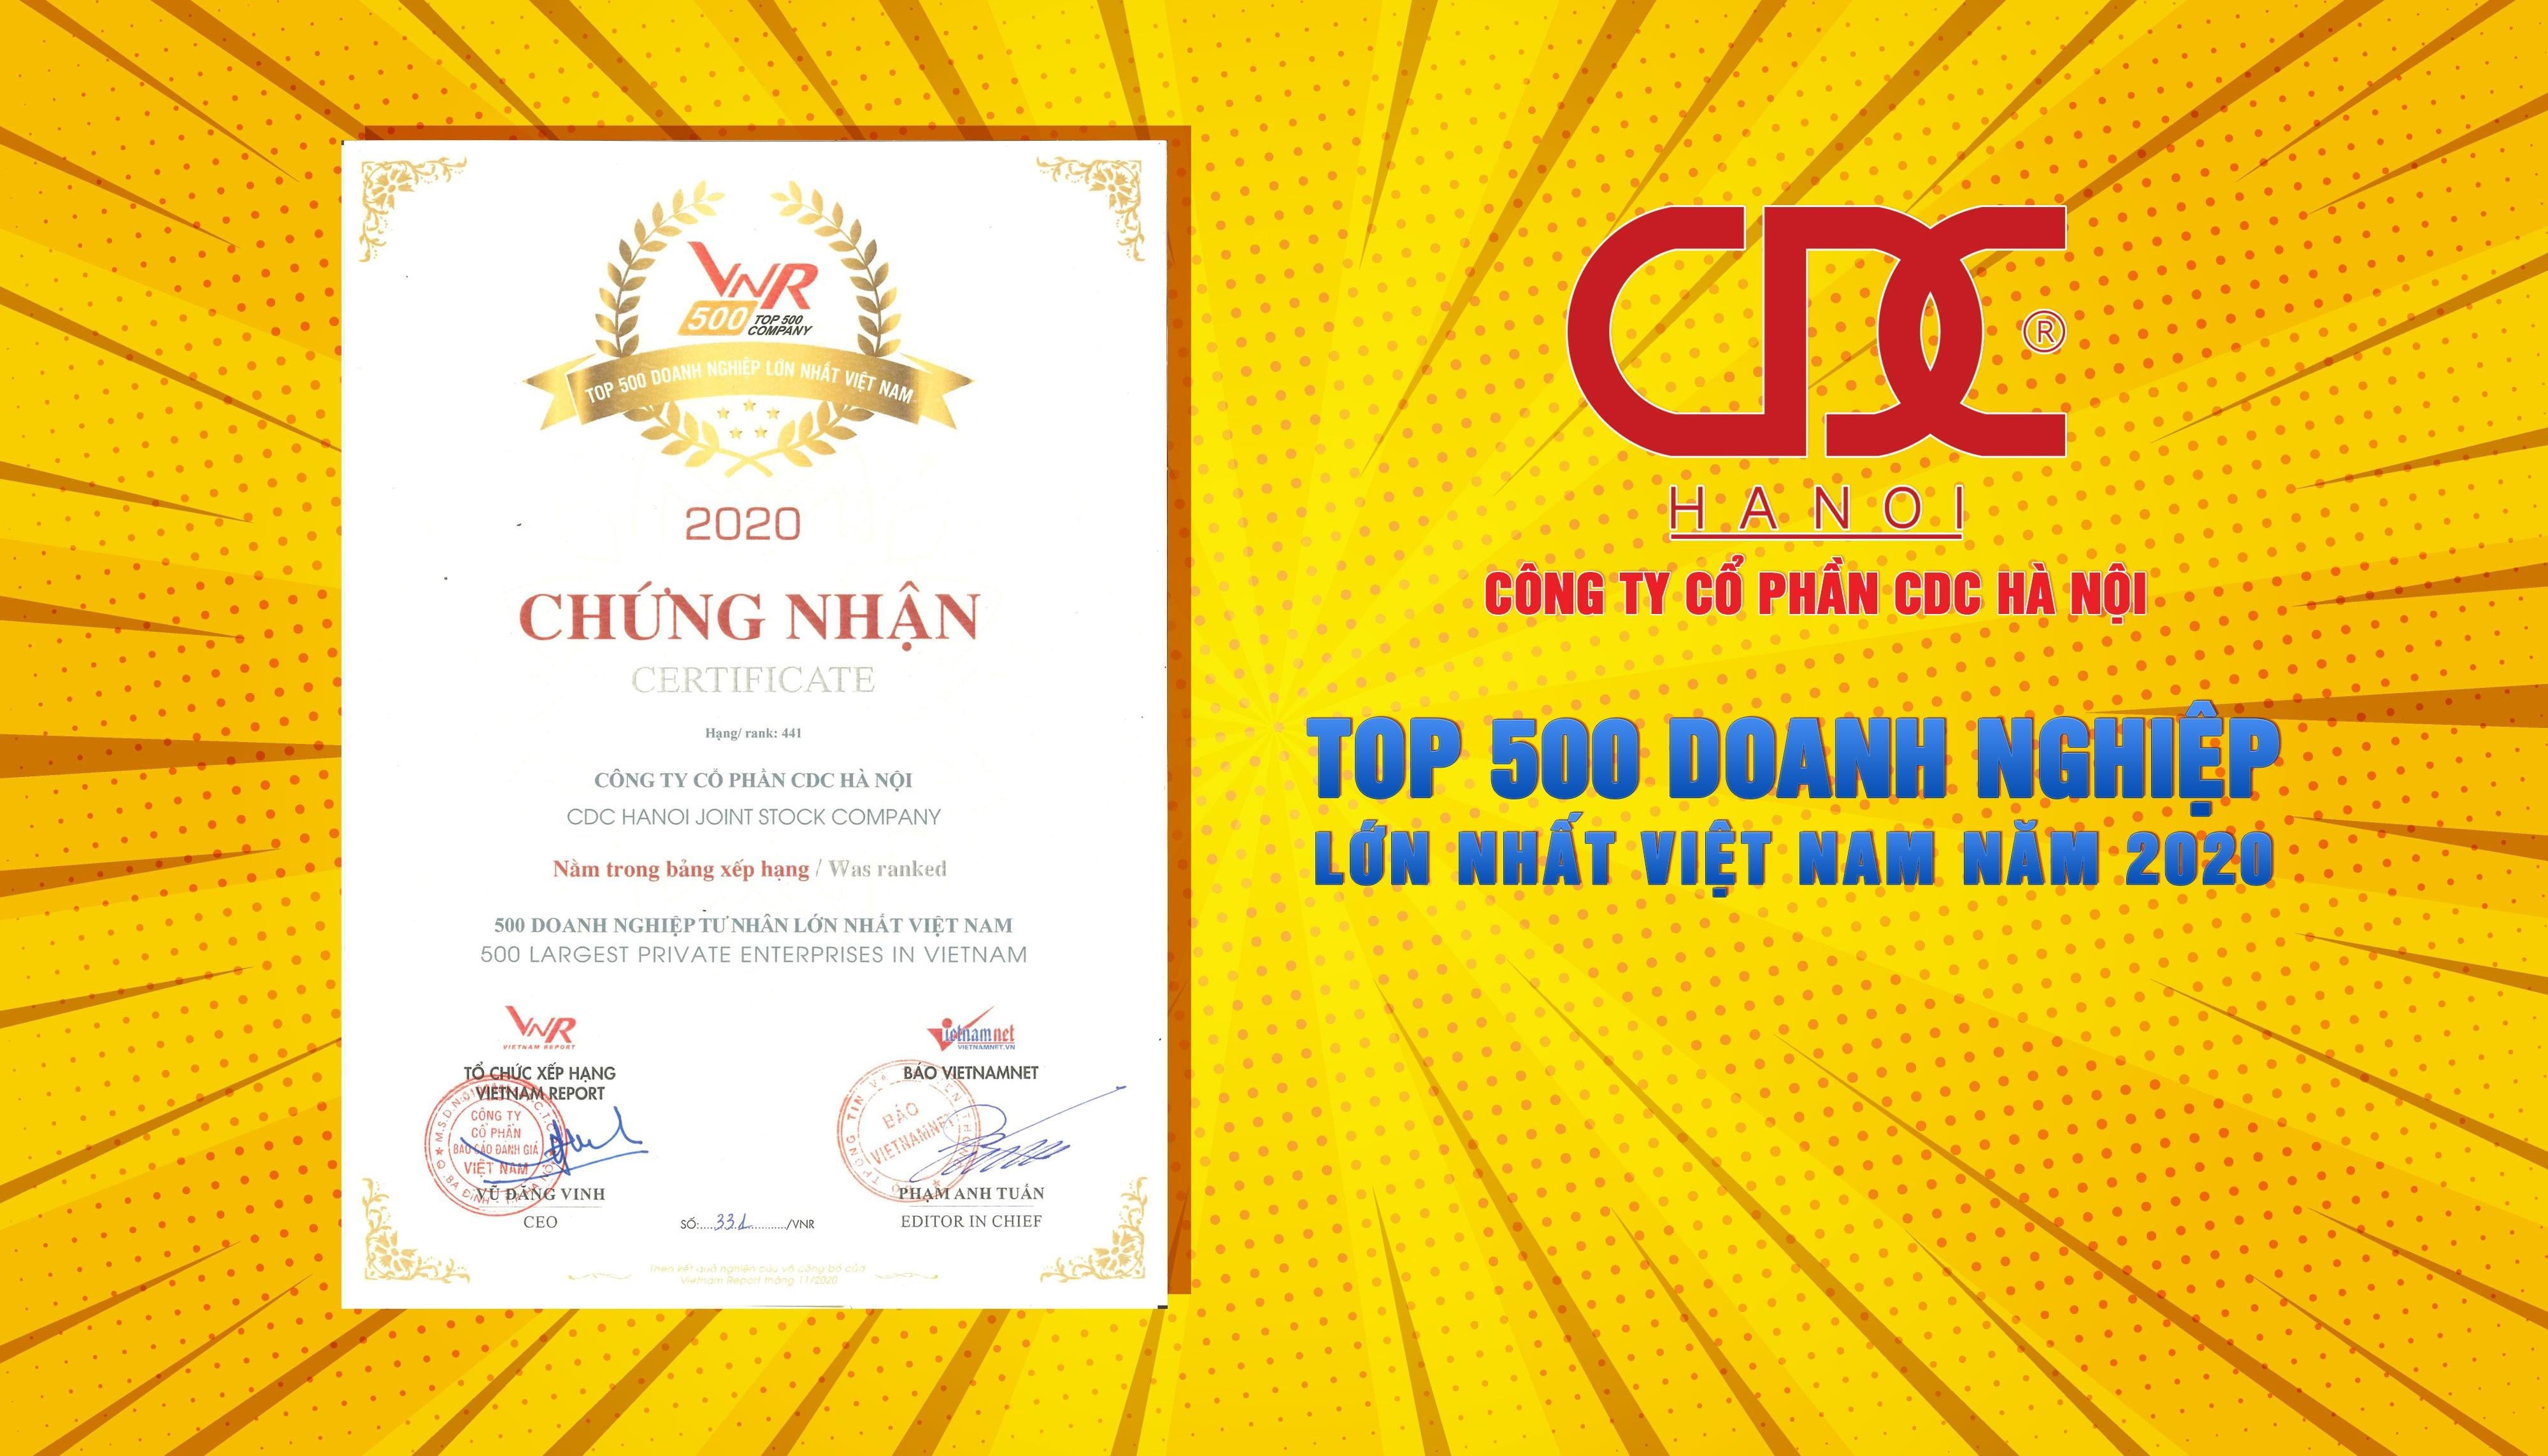 Công ty Cổ phần CDC Hà Nội vinh dự góp mặt trong BXH 500 Doanh nghiệp lớn nhất Việt Nam năm 2020 - VNR500